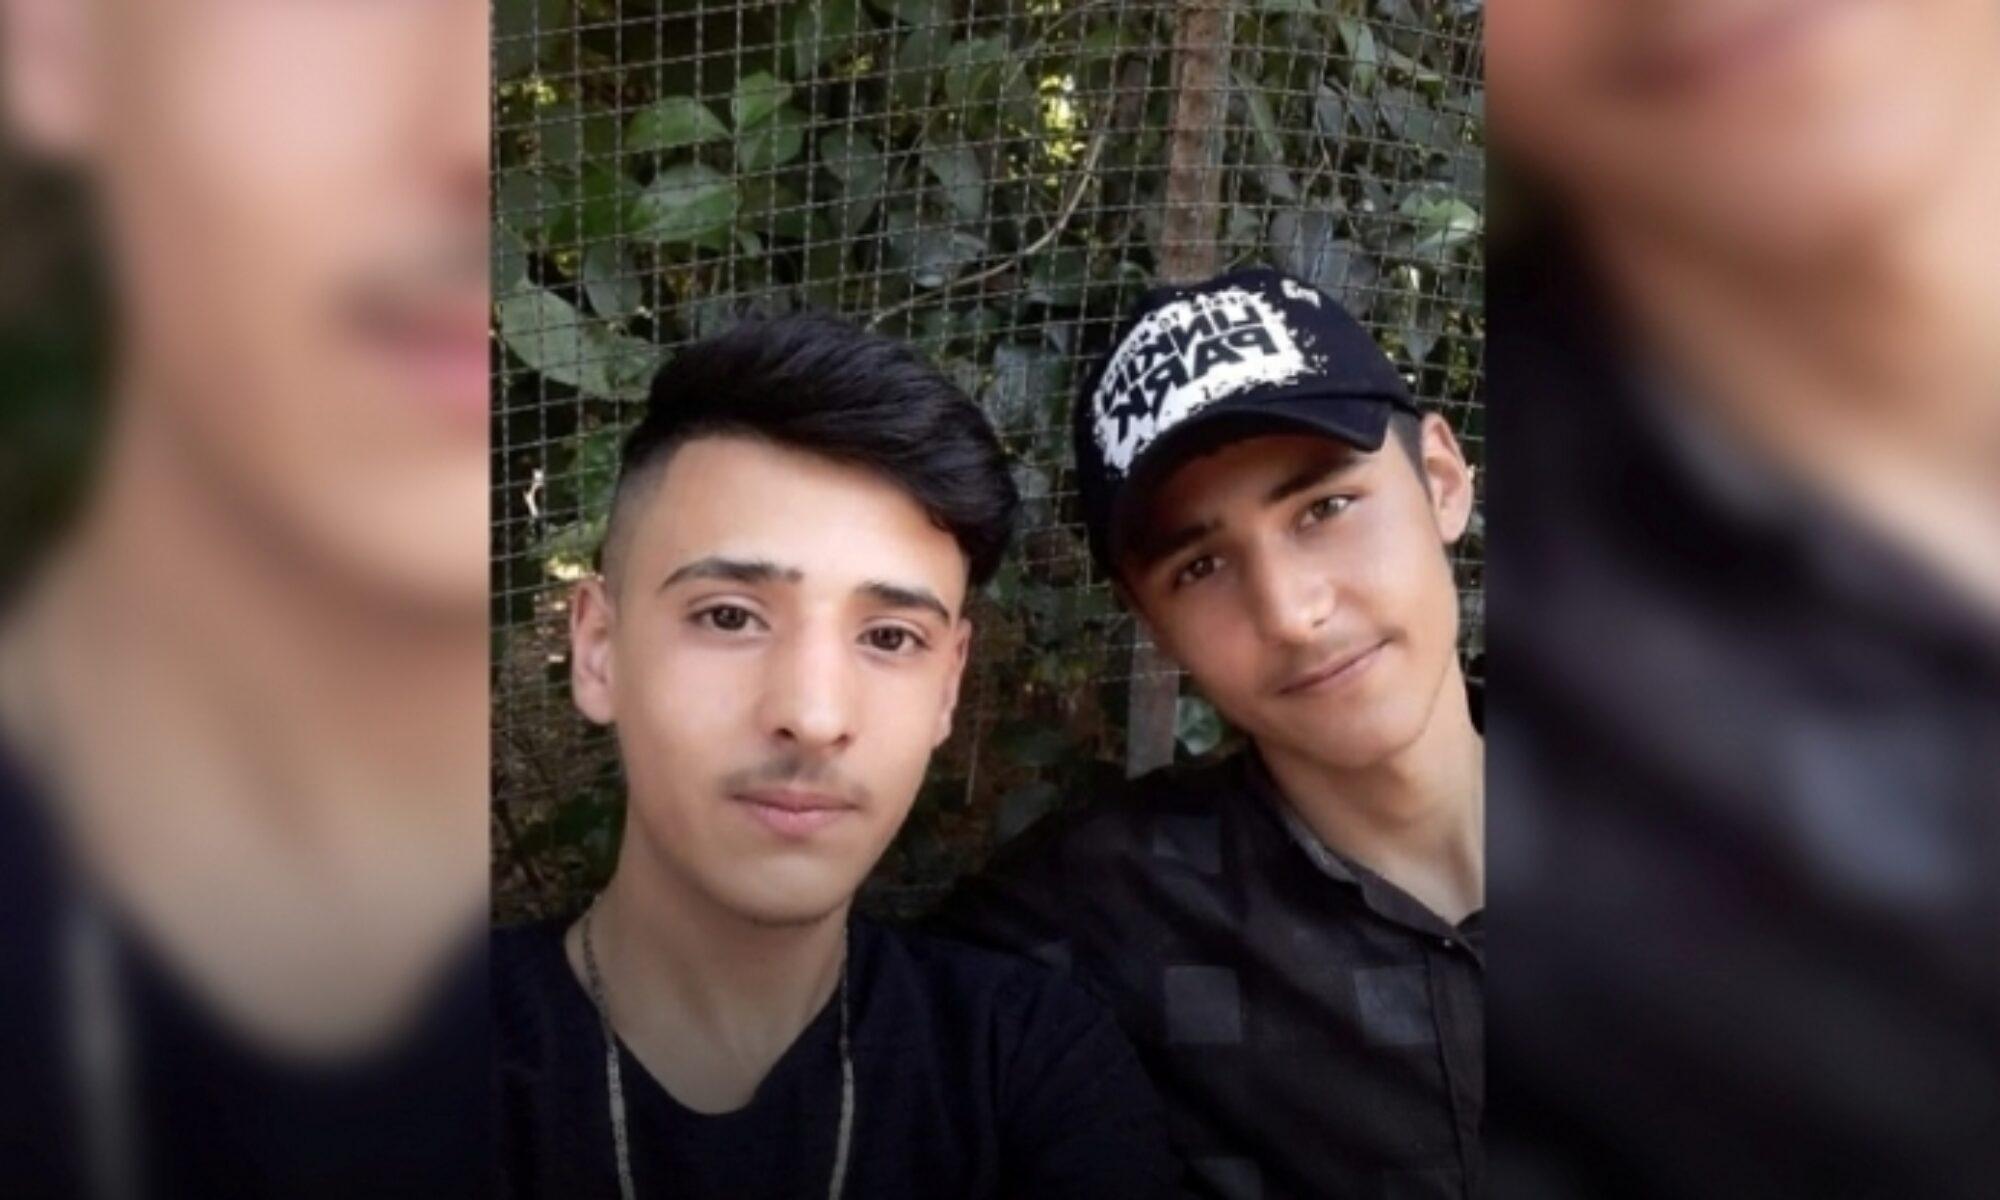 Efrinlilerin dramı Türkiye'ye bağlı çeteler köylerine el koyuyor PKK çocuklarına